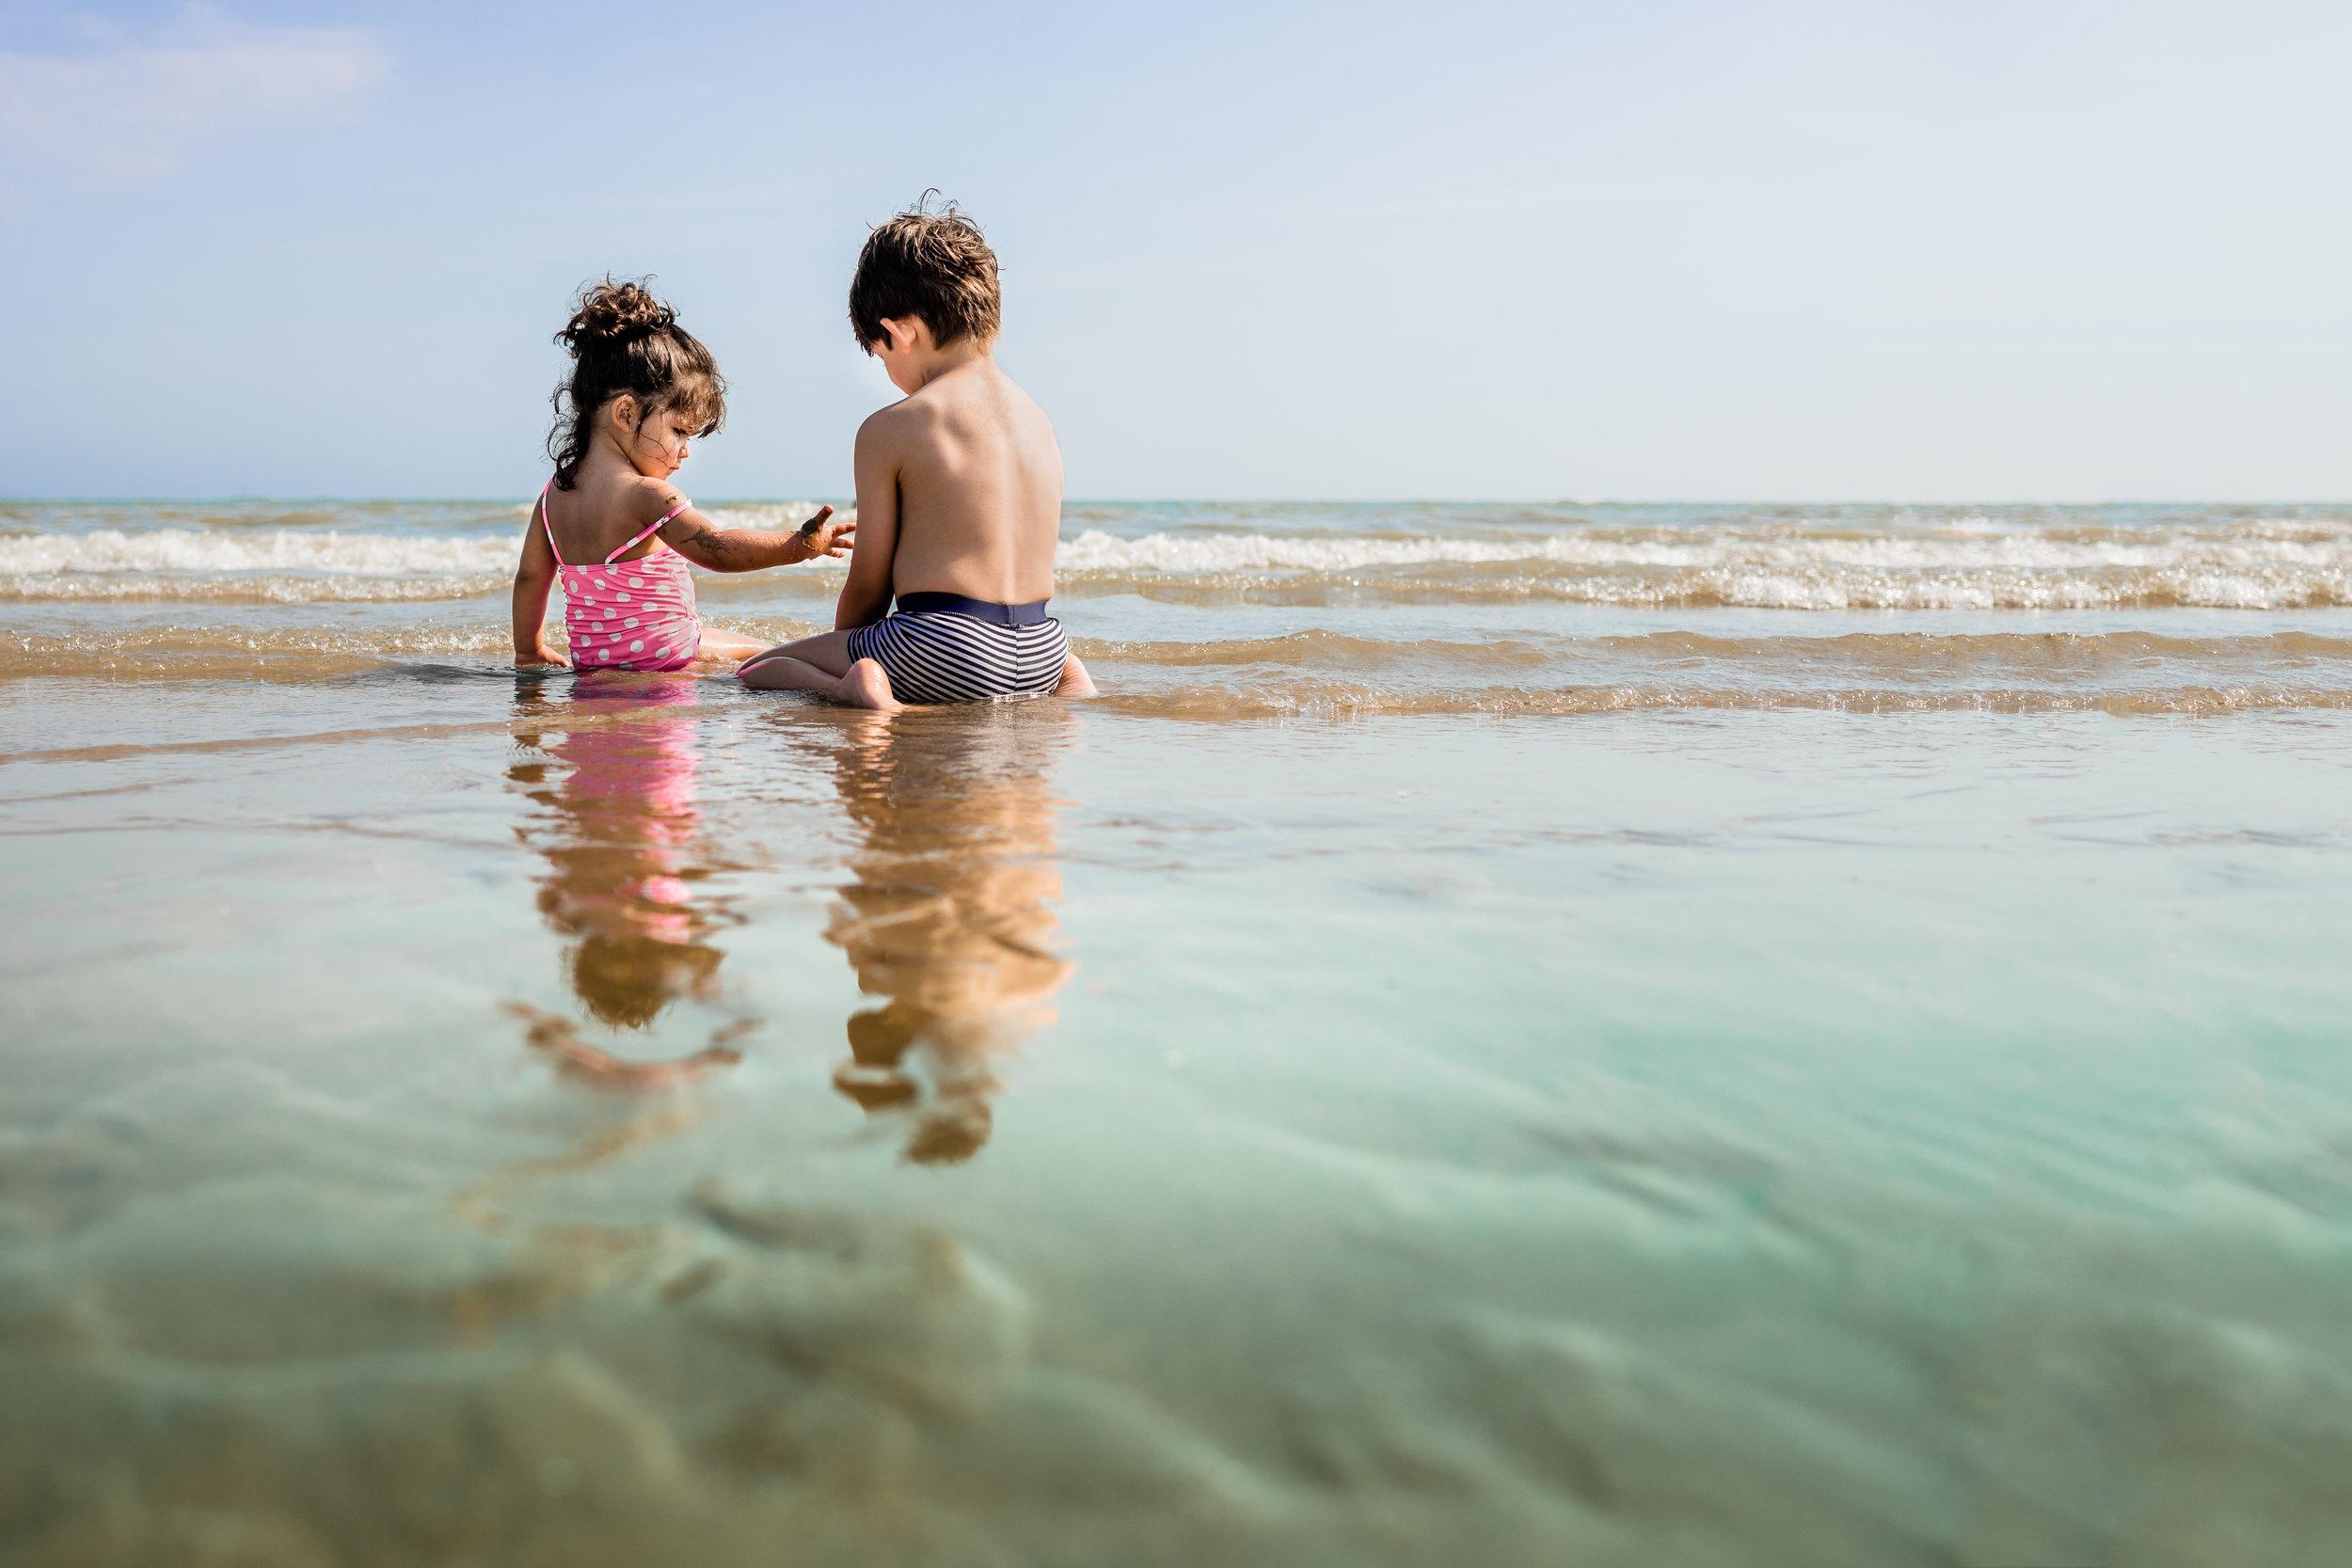 Beach Kids Camber Sands 04.jpg